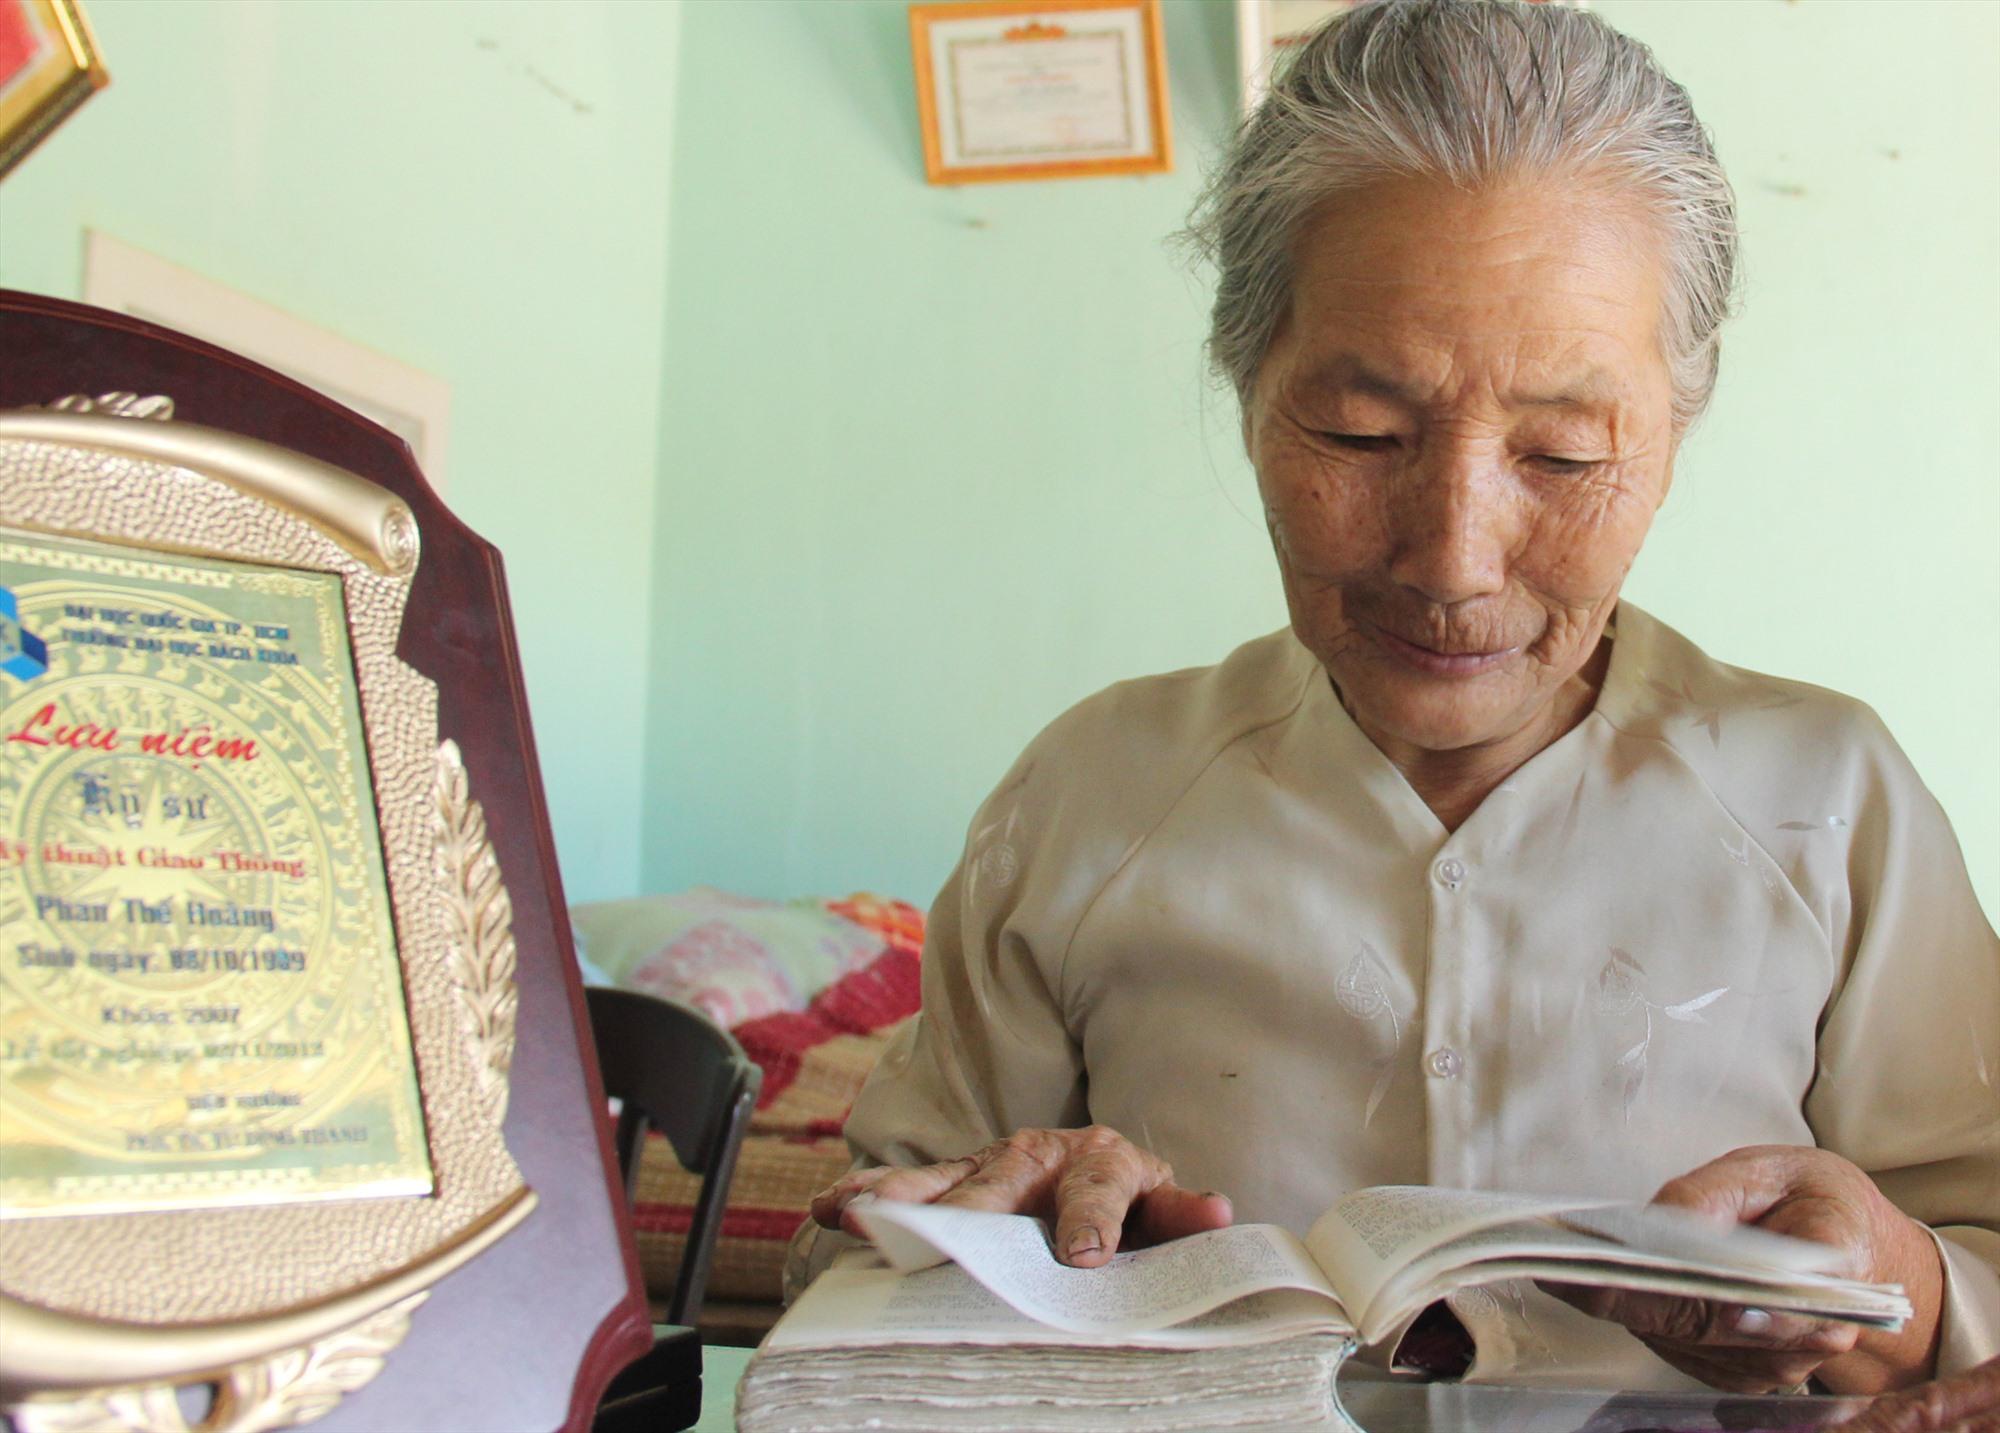 """Nguyên mẫu Võ Thị Phận từng đọc tiểu thuyết """"Mẫn và tôi"""" qua trang sách photo. Ảnh: H.X.H"""